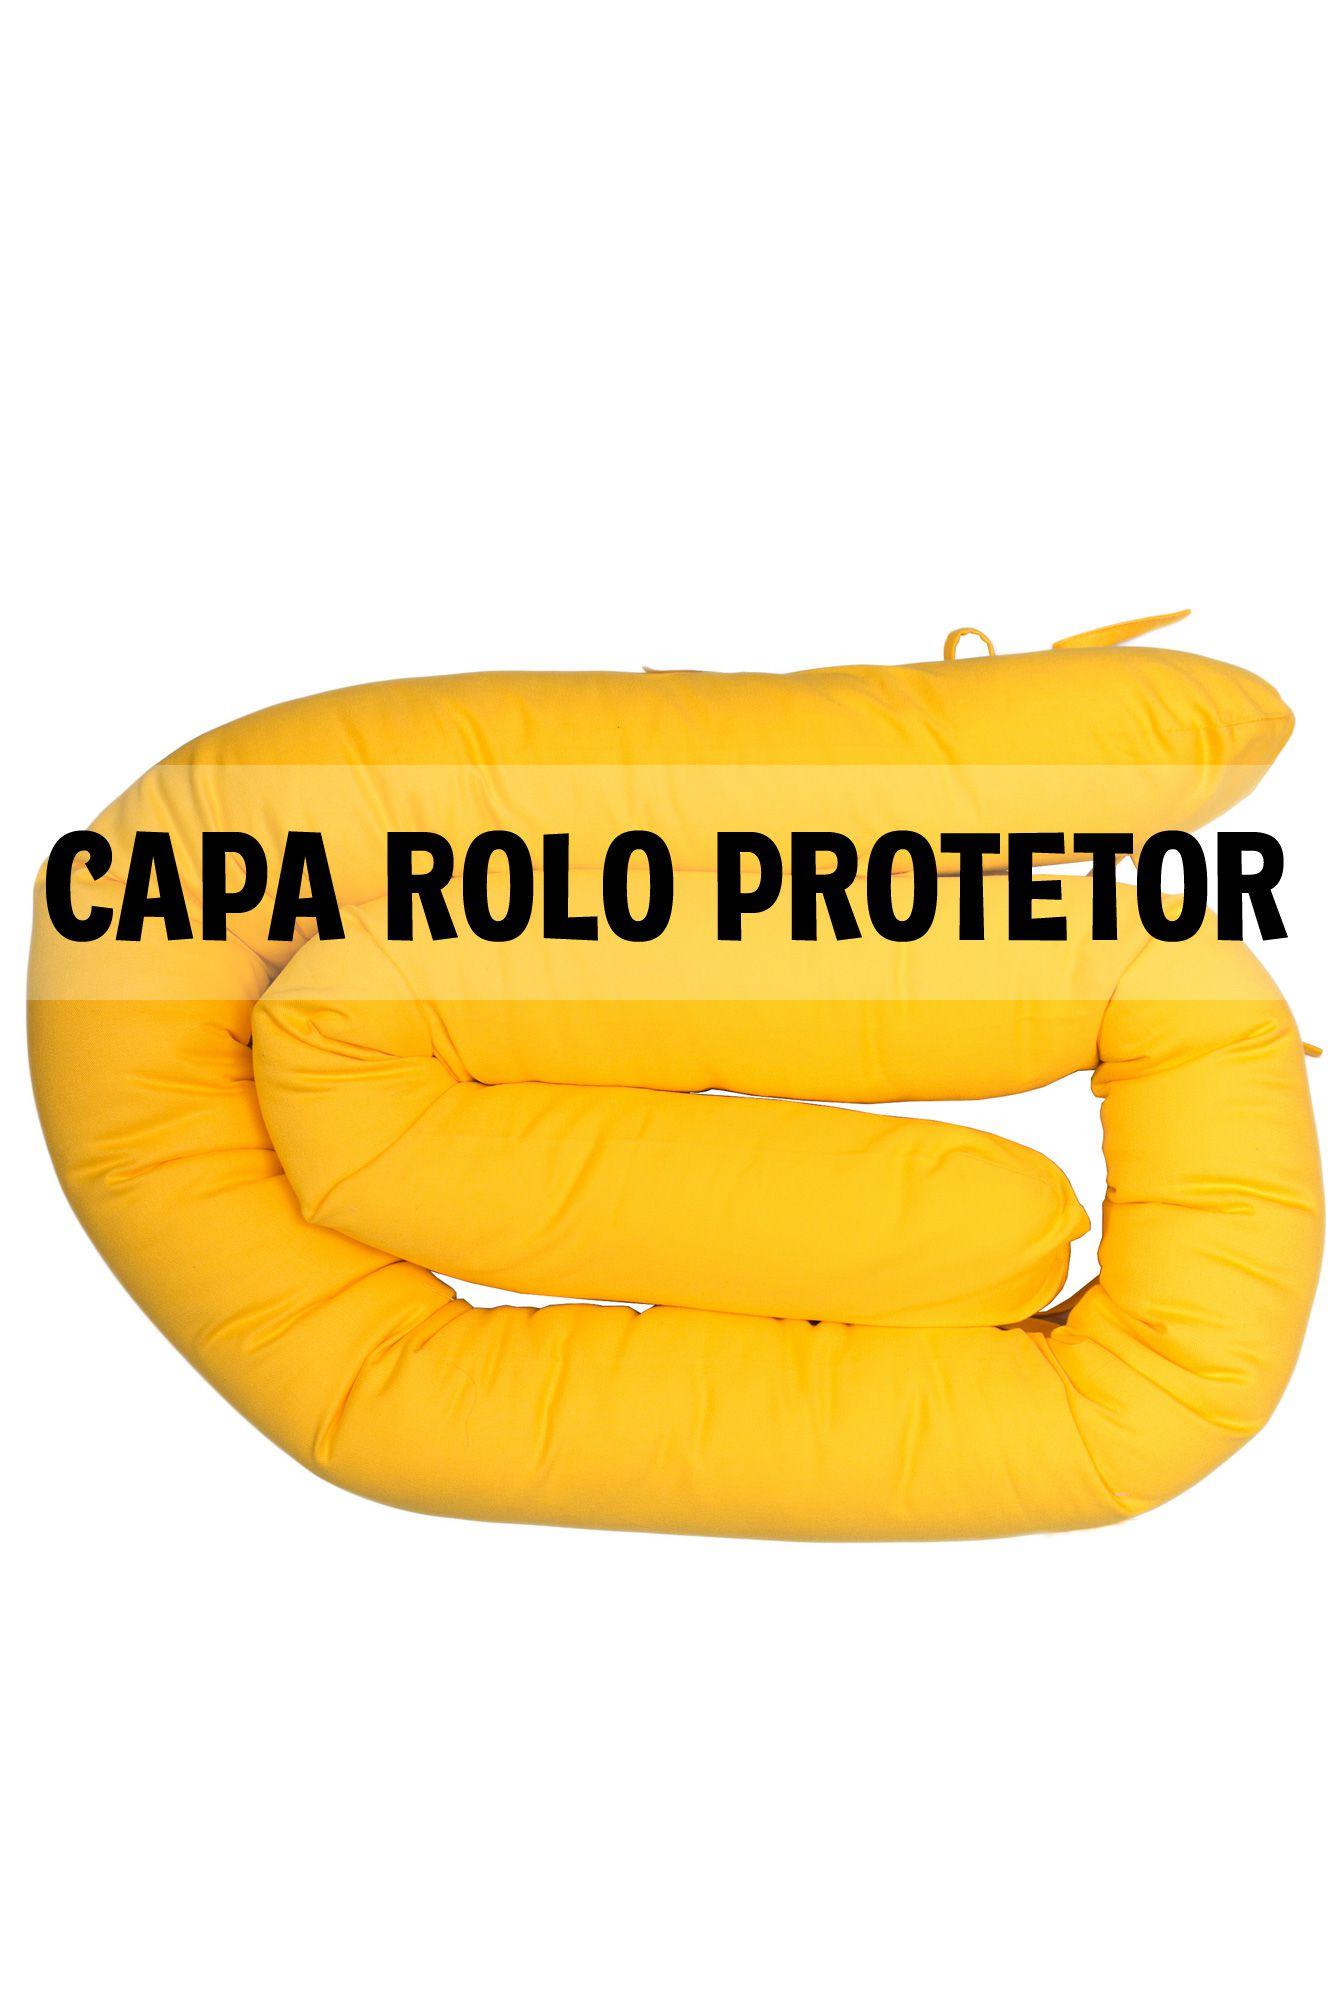 Capa de protetor espaguete amarela